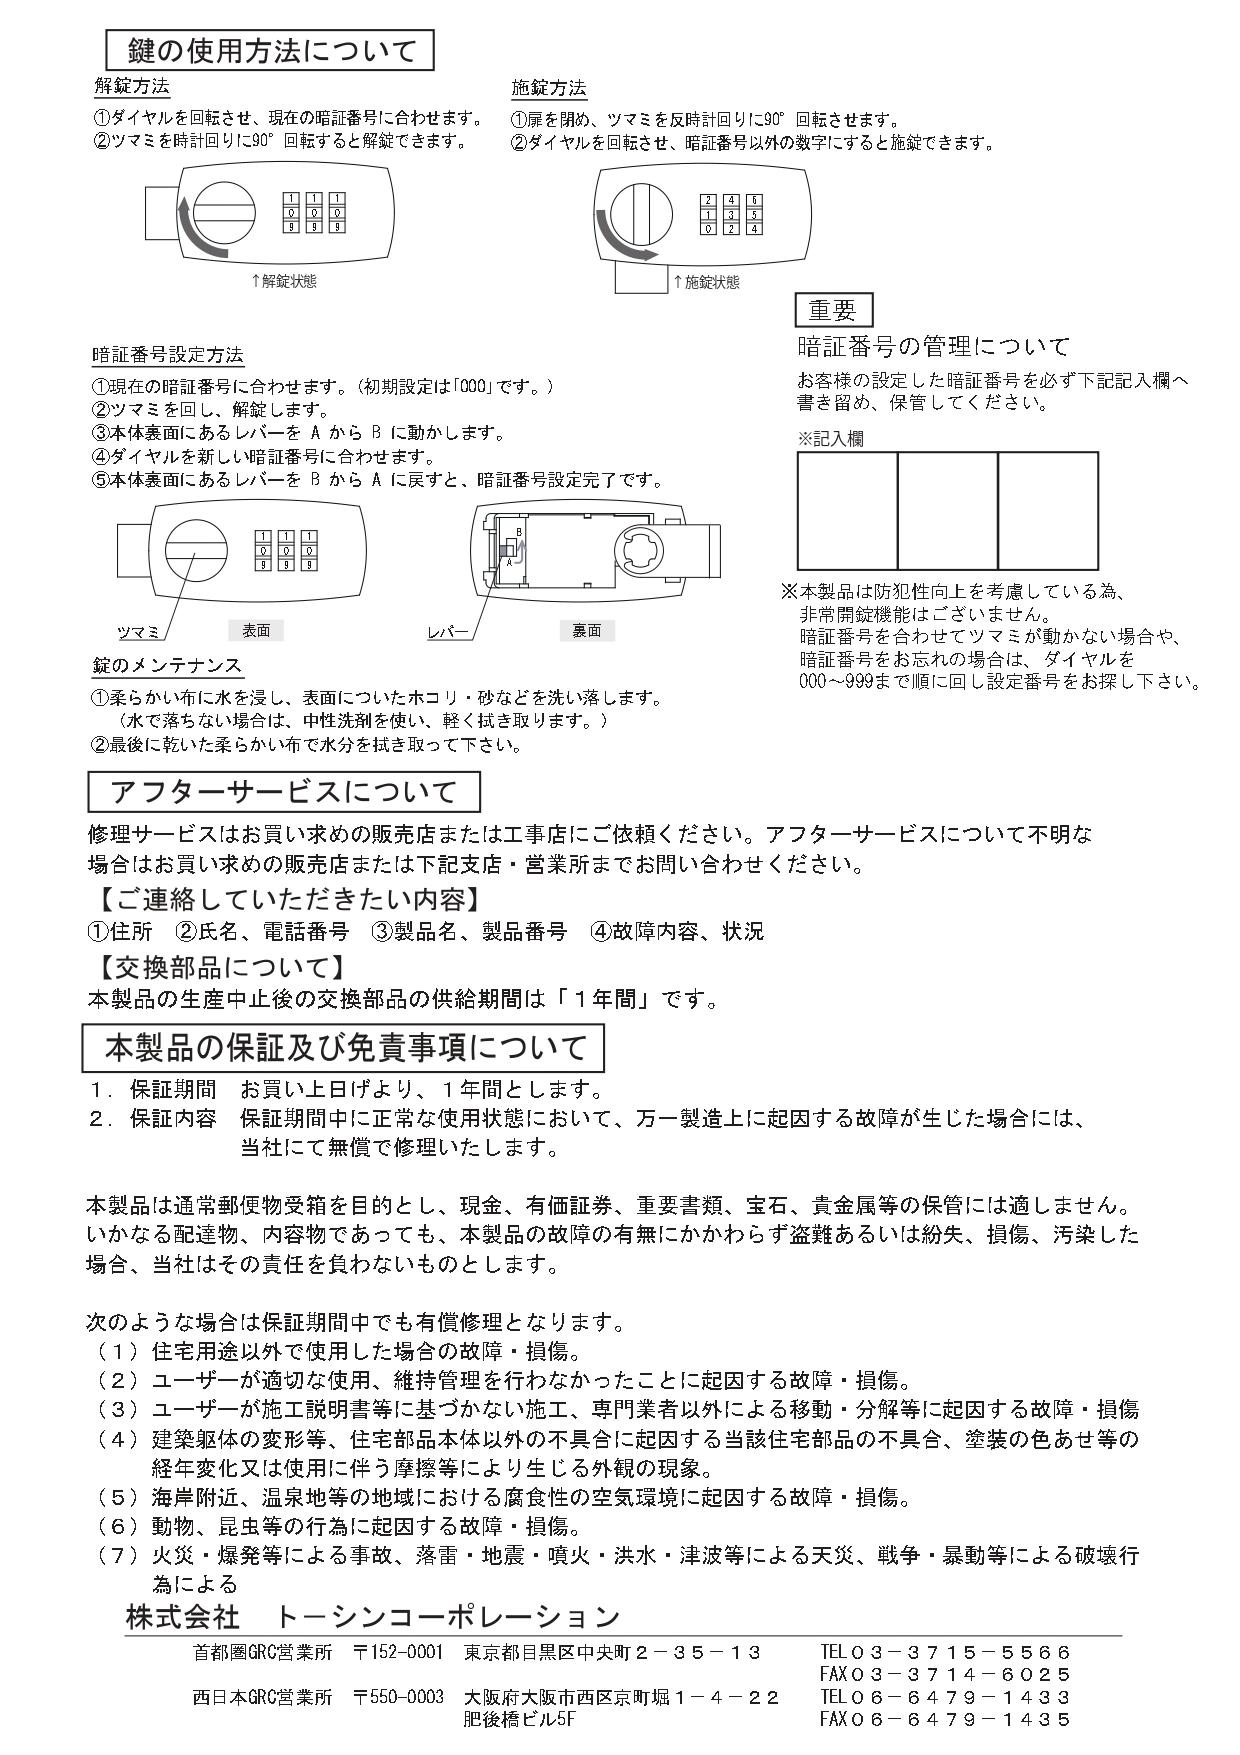 マルカートベイス 取り扱い説明書_page-0002